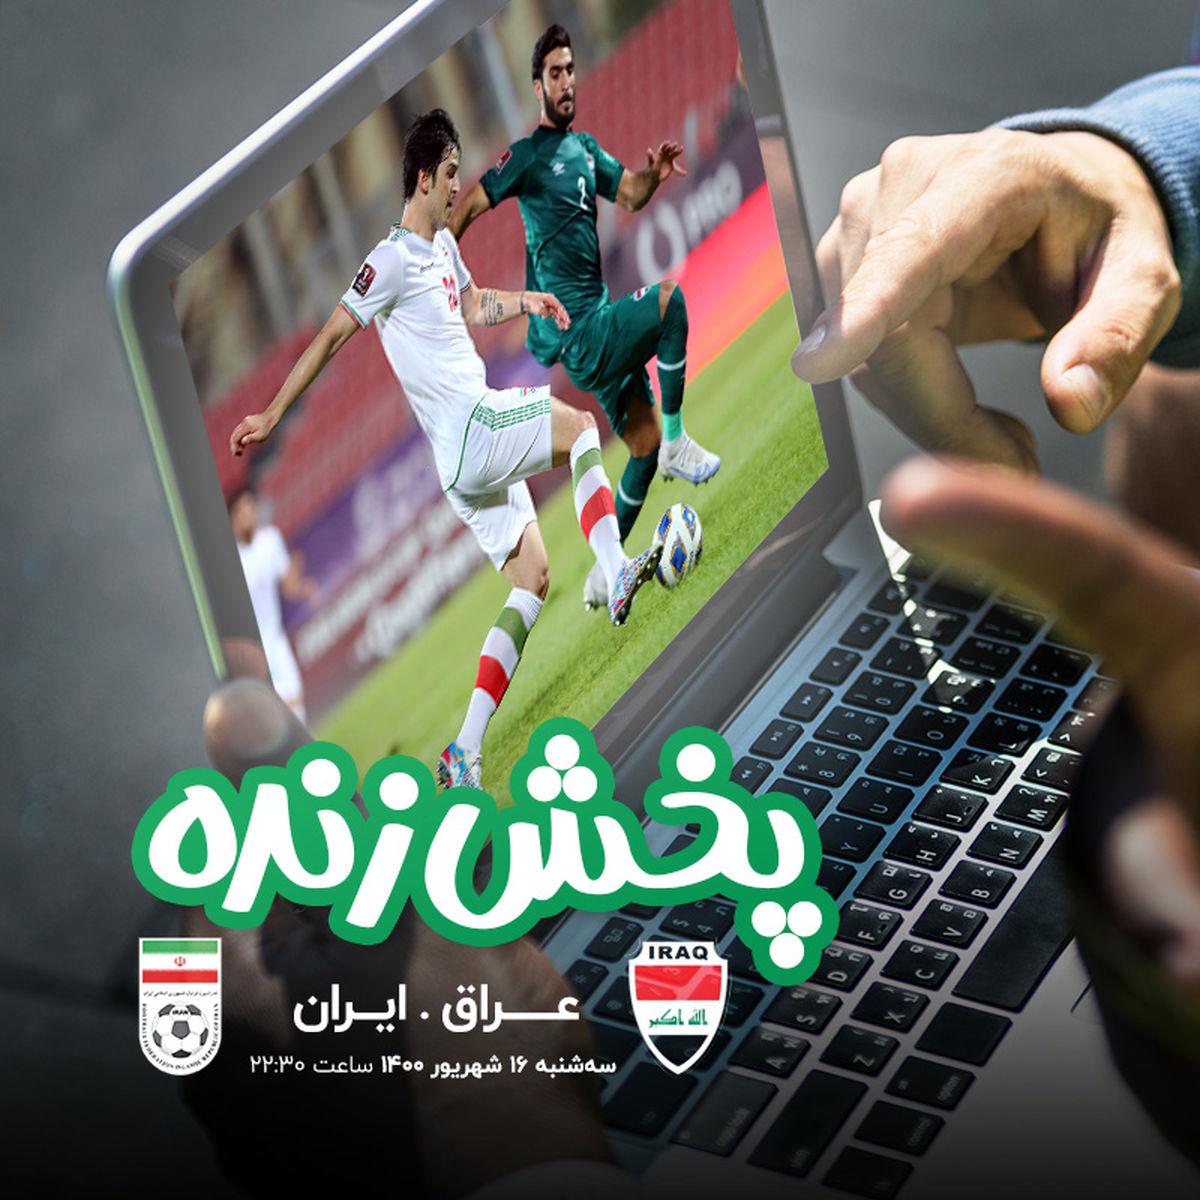 پخش زنده تقابل ایران و عراق از آیگپ